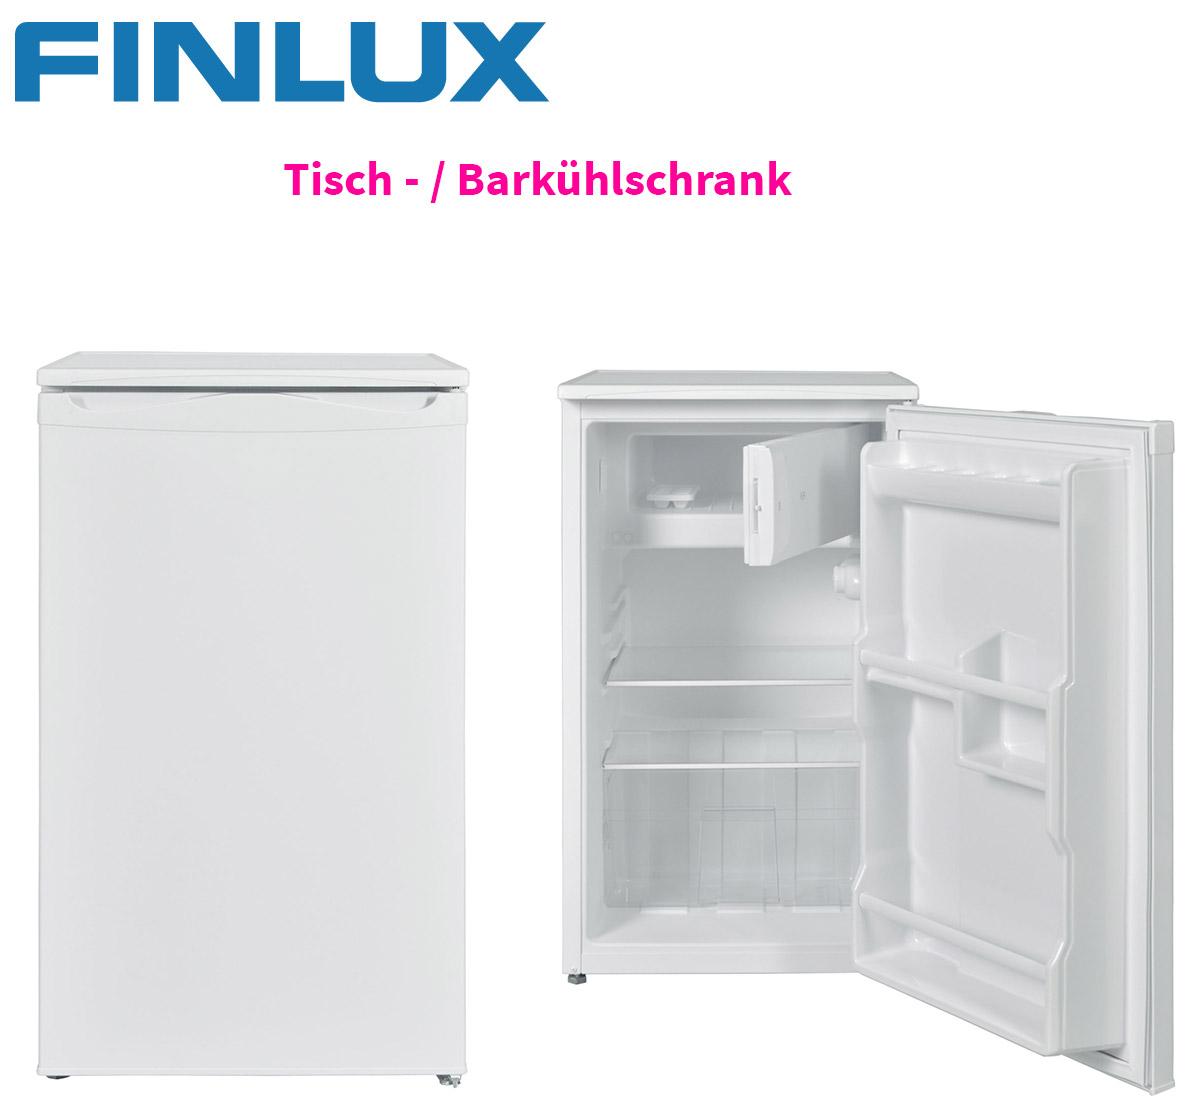 finlux a stand tisch mini bar hotel k hlschrank kleink hlschrank gefrierfach ebay. Black Bedroom Furniture Sets. Home Design Ideas